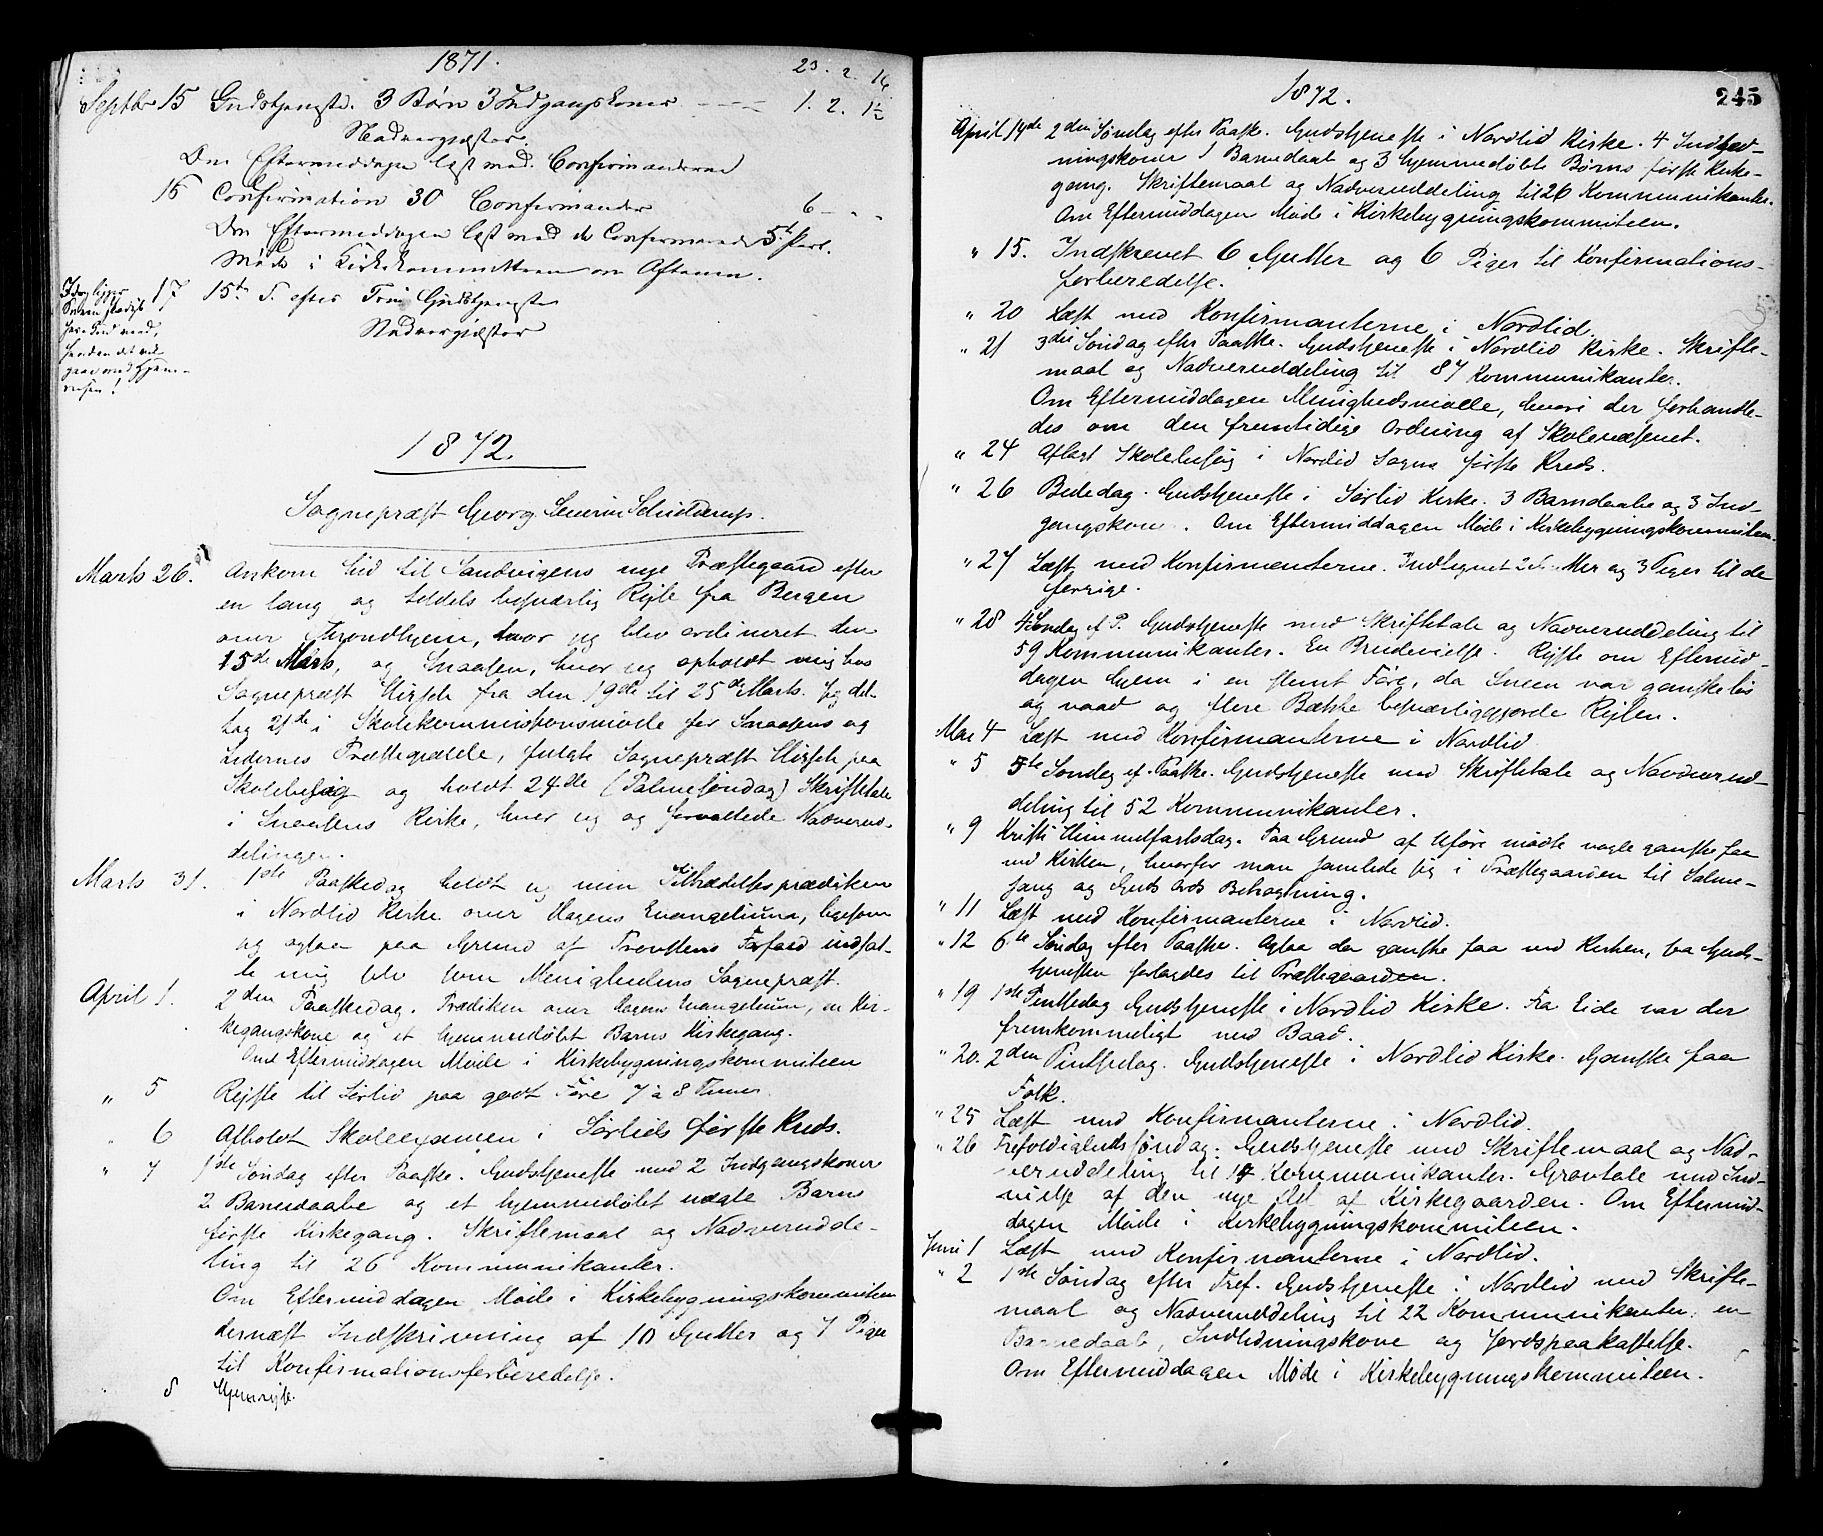 SAT, Ministerialprotokoller, klokkerbøker og fødselsregistre - Nord-Trøndelag, 755/L0493: Ministerialbok nr. 755A02, 1865-1881, s. 245